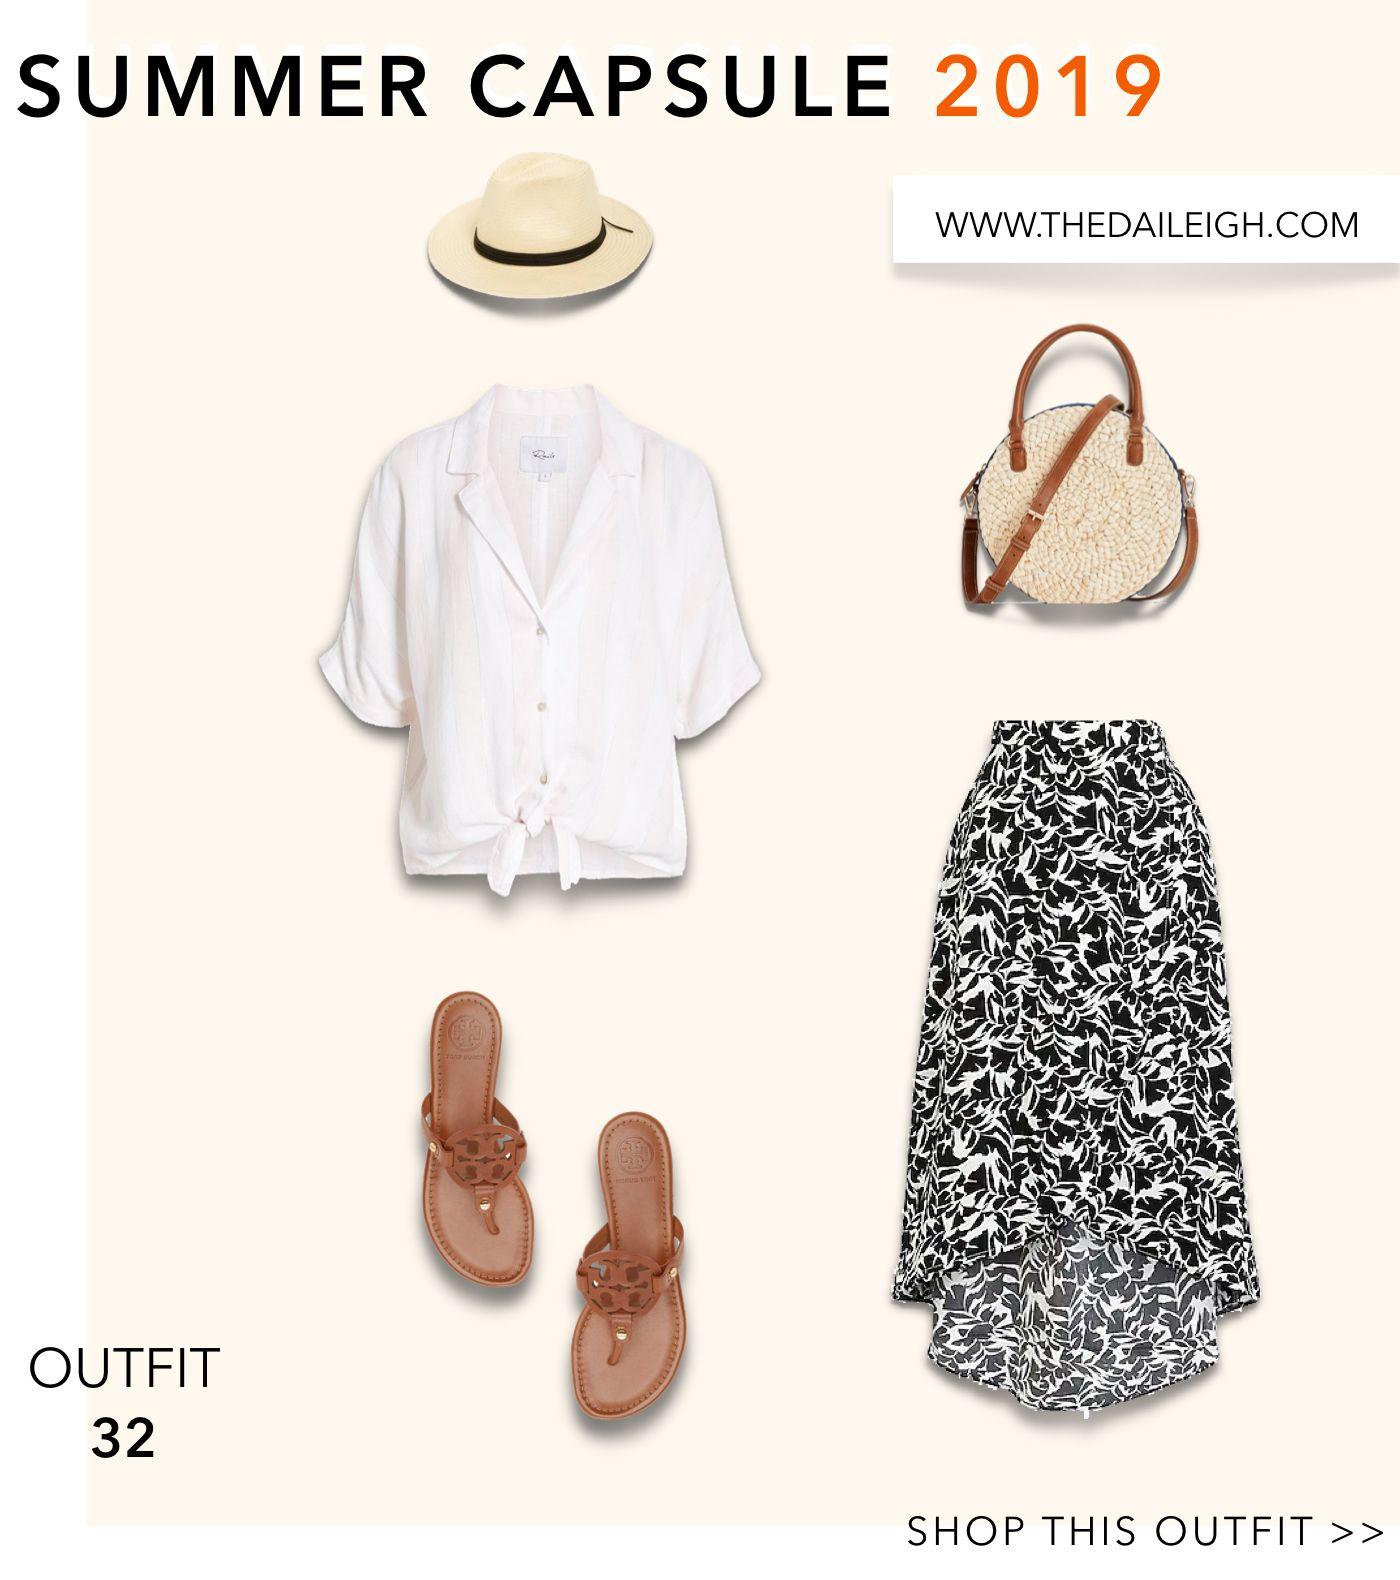 Summer Wardrobe Essentials, Summer Wardrobe Capsule, Summer Wardrobe Capsule 2019, Summer Wardrobe For Women